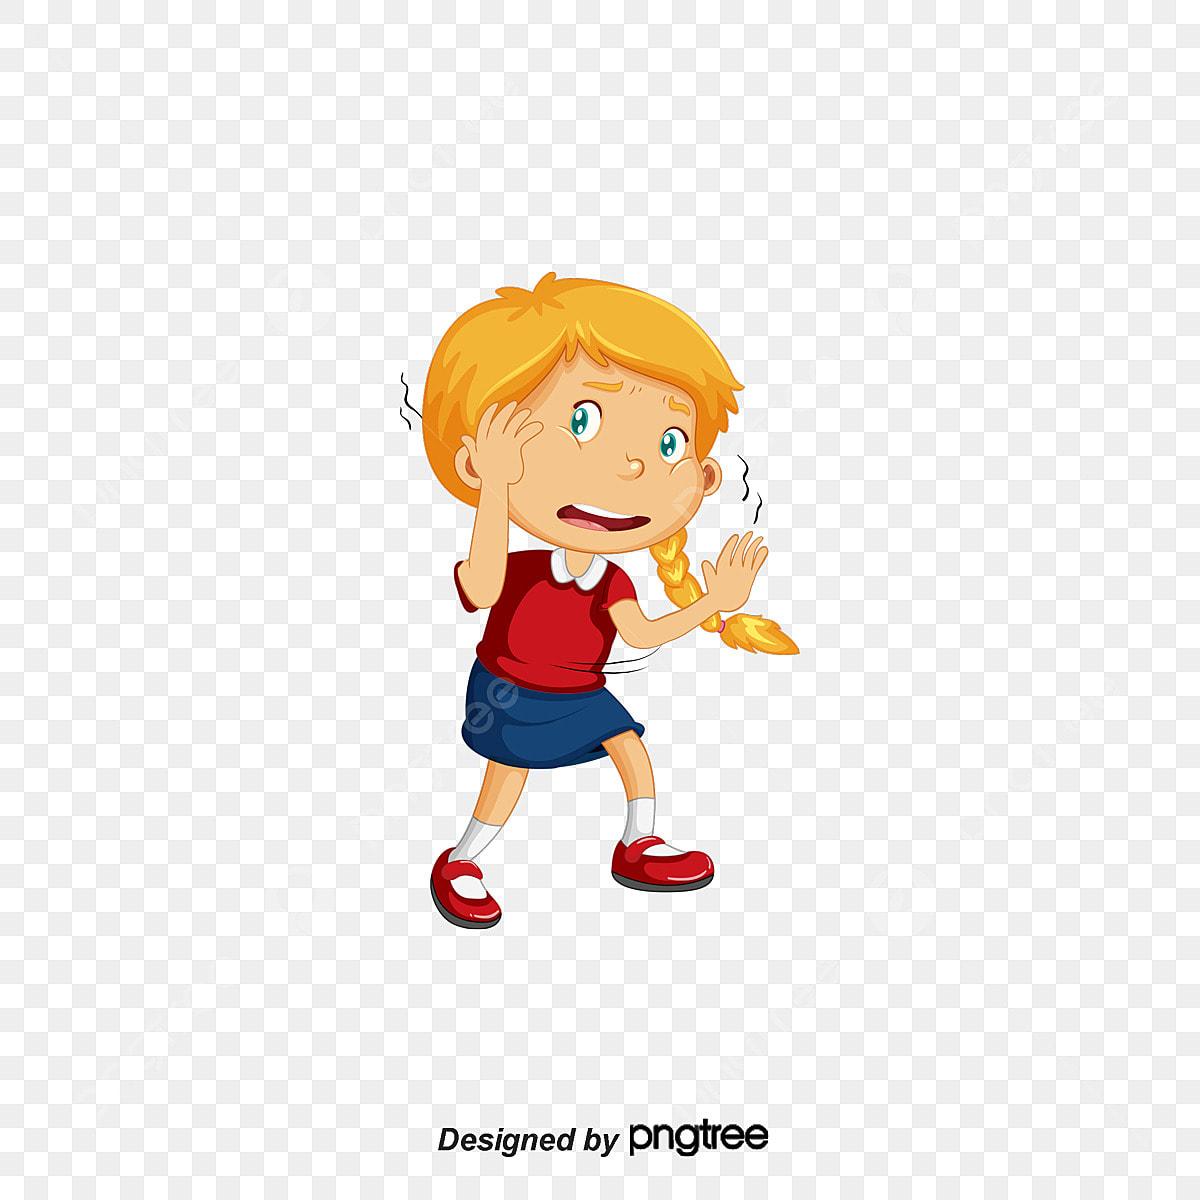 ناقلات يرتجف طفل فتاة خائف Png وملف Psd للتحميل مجانا